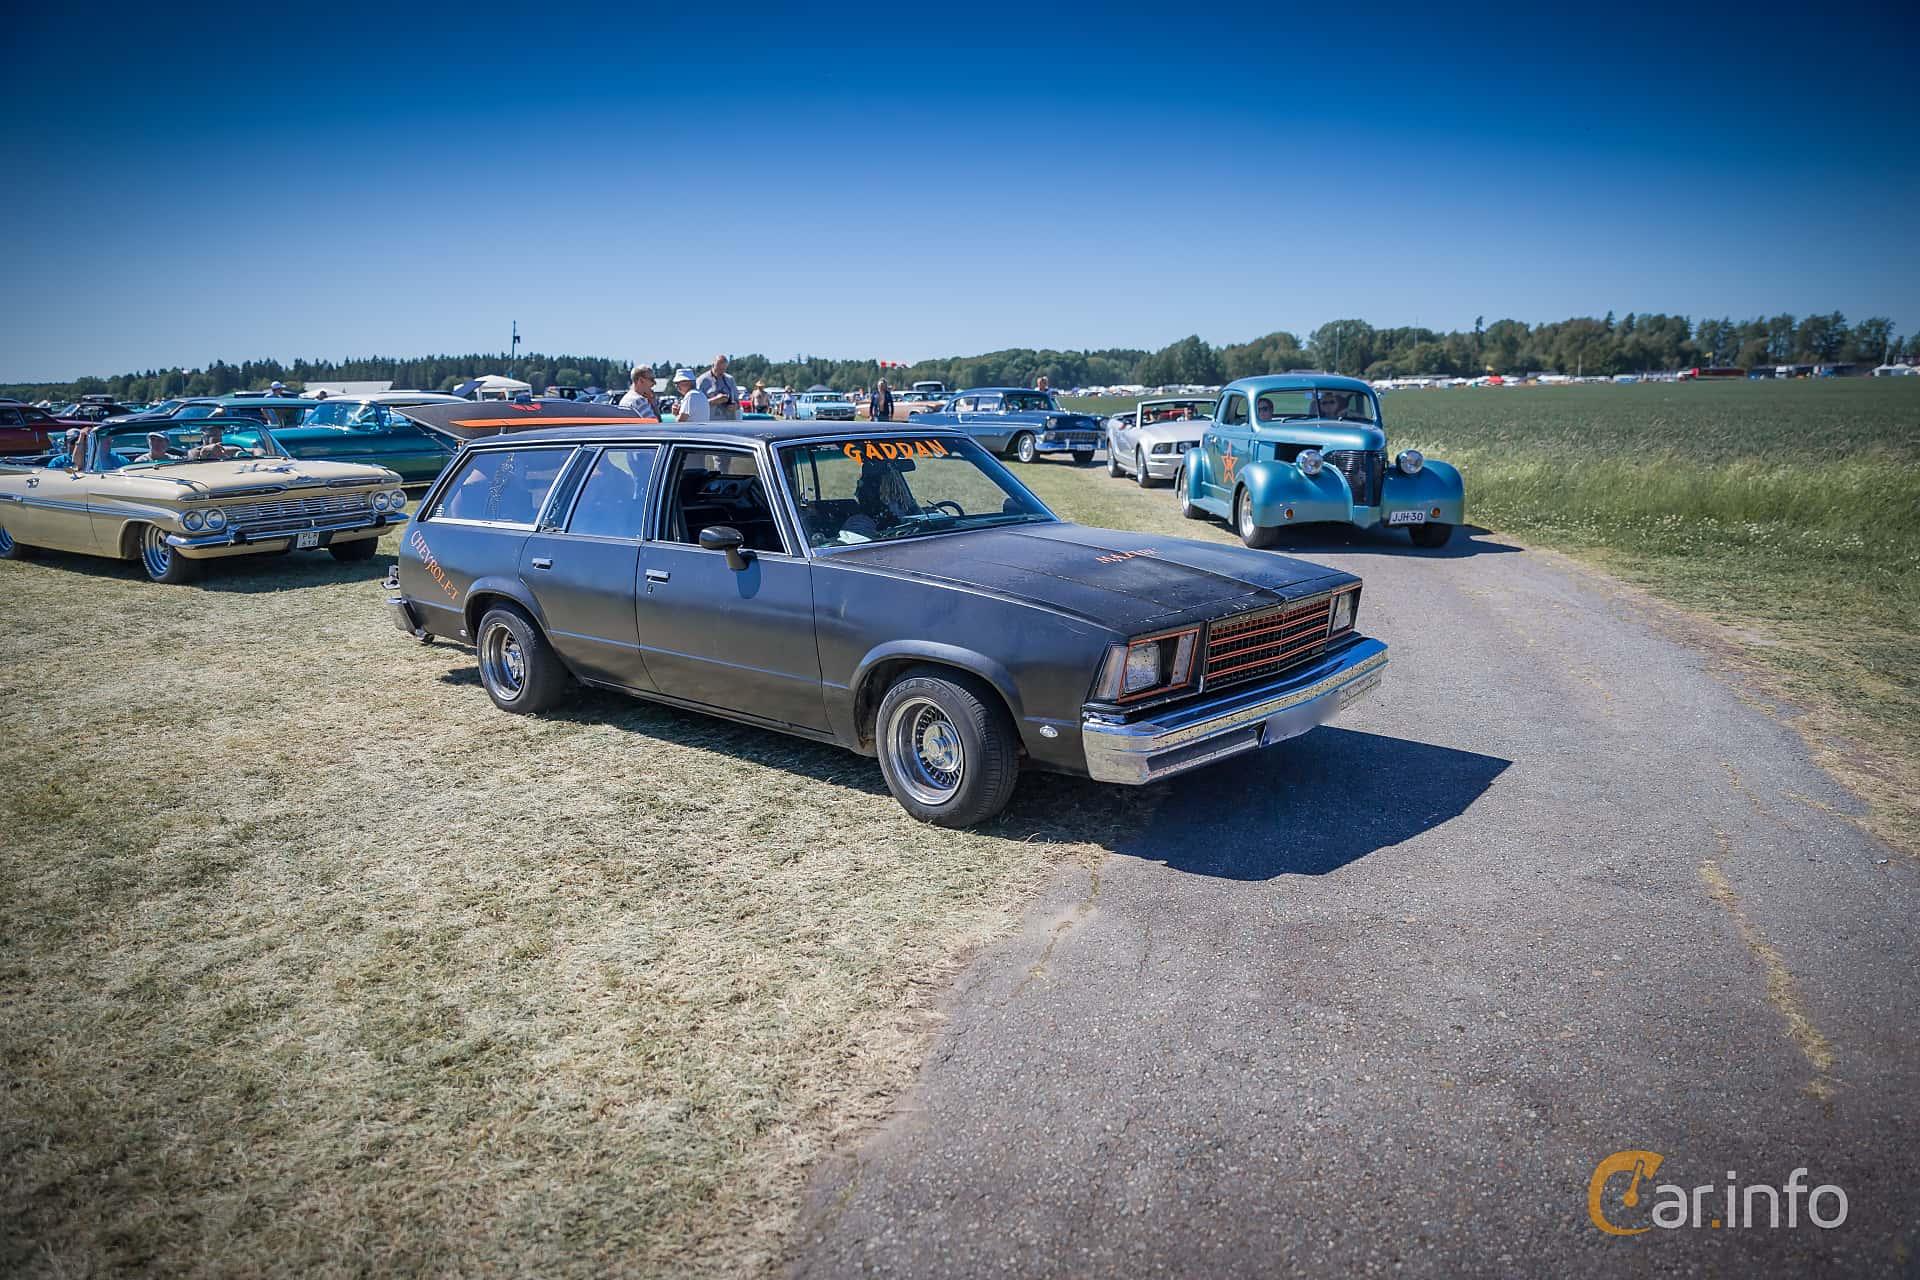 Chevrolet Malibu Station Wagon 5.0 V8 Manual, 162hp, 1979 at Power Big Meet 2015